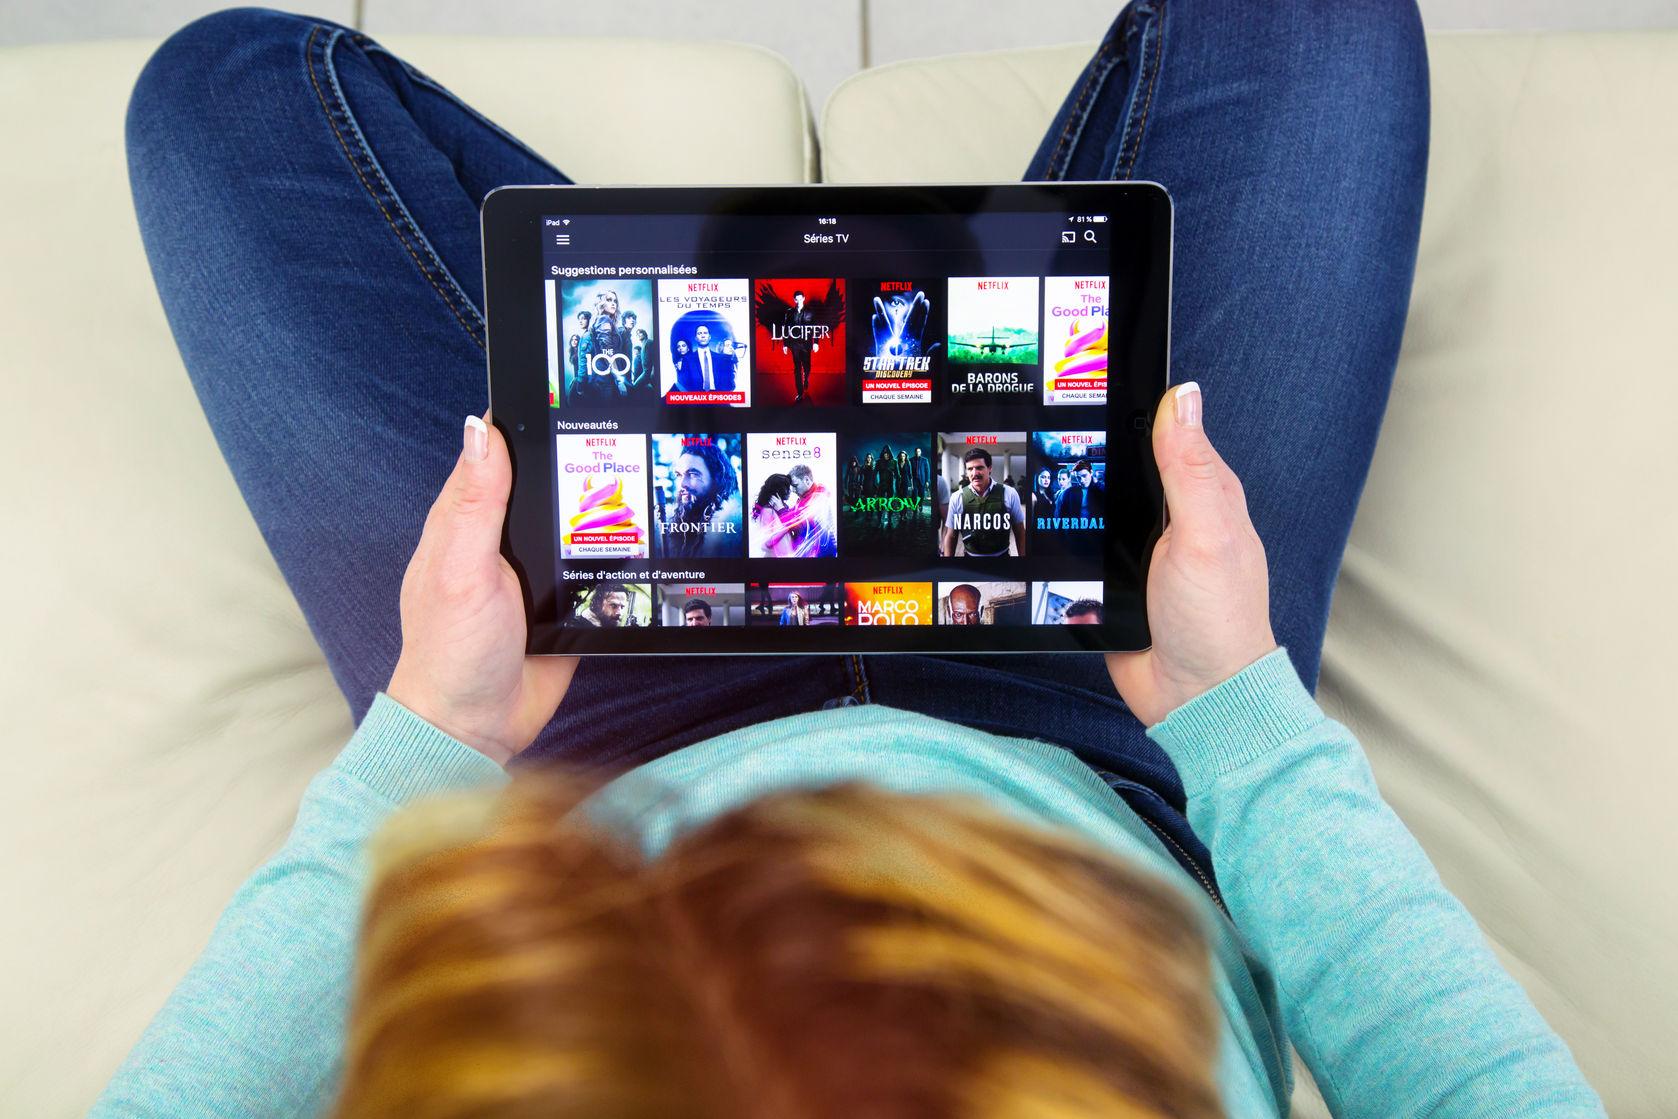 Bùng nổ hay đổ vỡ: Hiểu về thị trường video-streaming ở Đông Nam Á